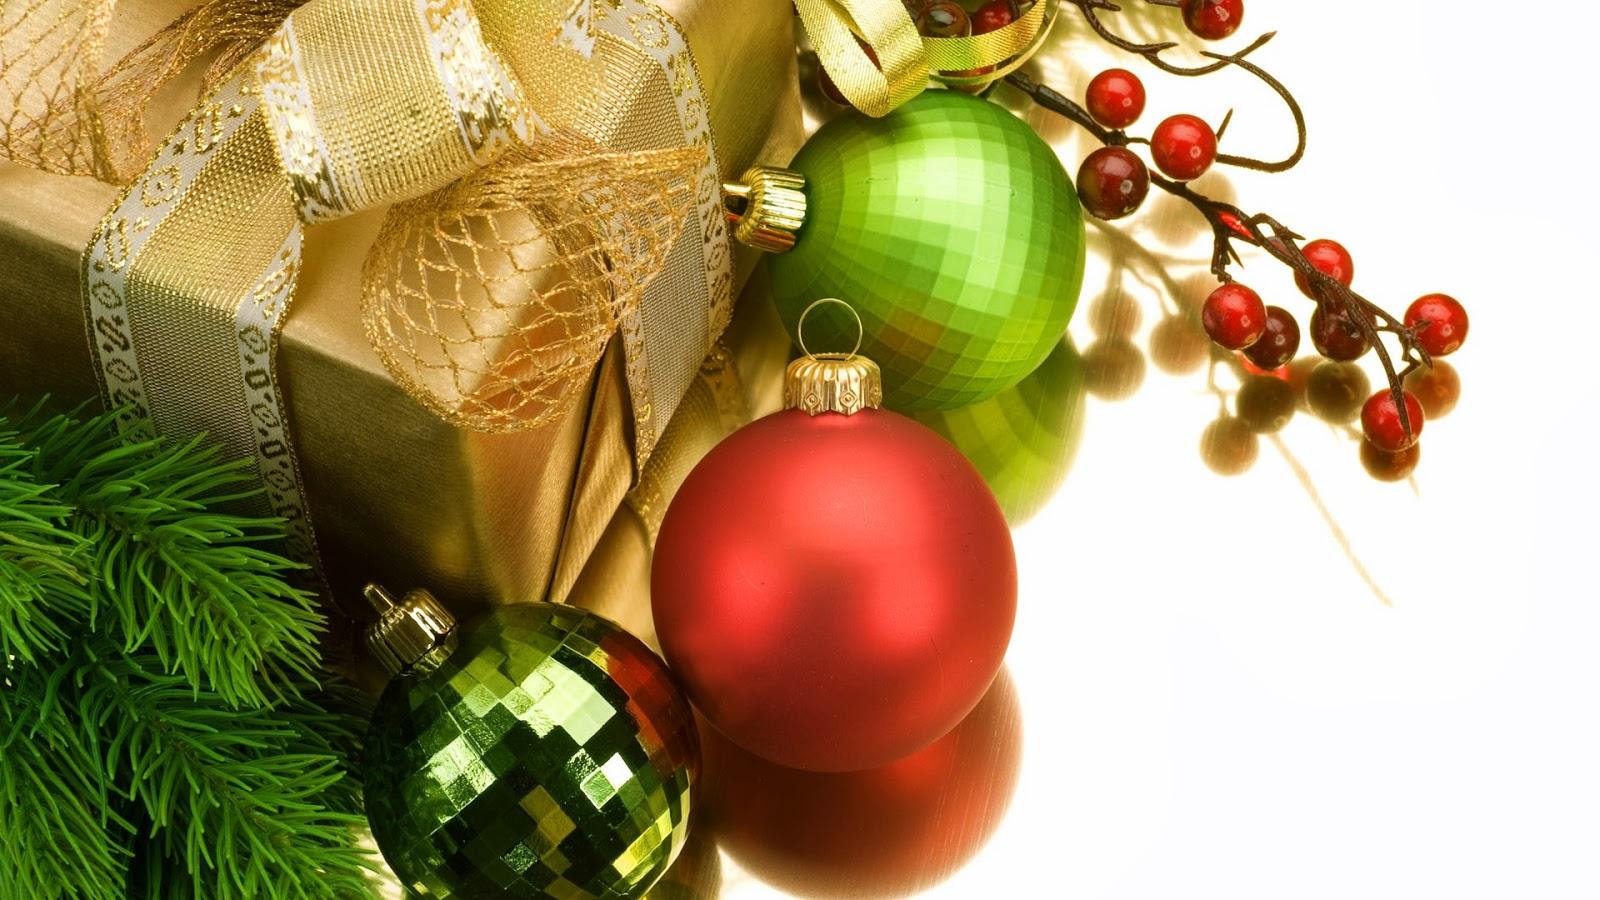 Bolas De Navidad Rojas Sobre Fondo Verde: Imagenes Y Wallpapers: Fondo De Pantalla Navidad Bolas